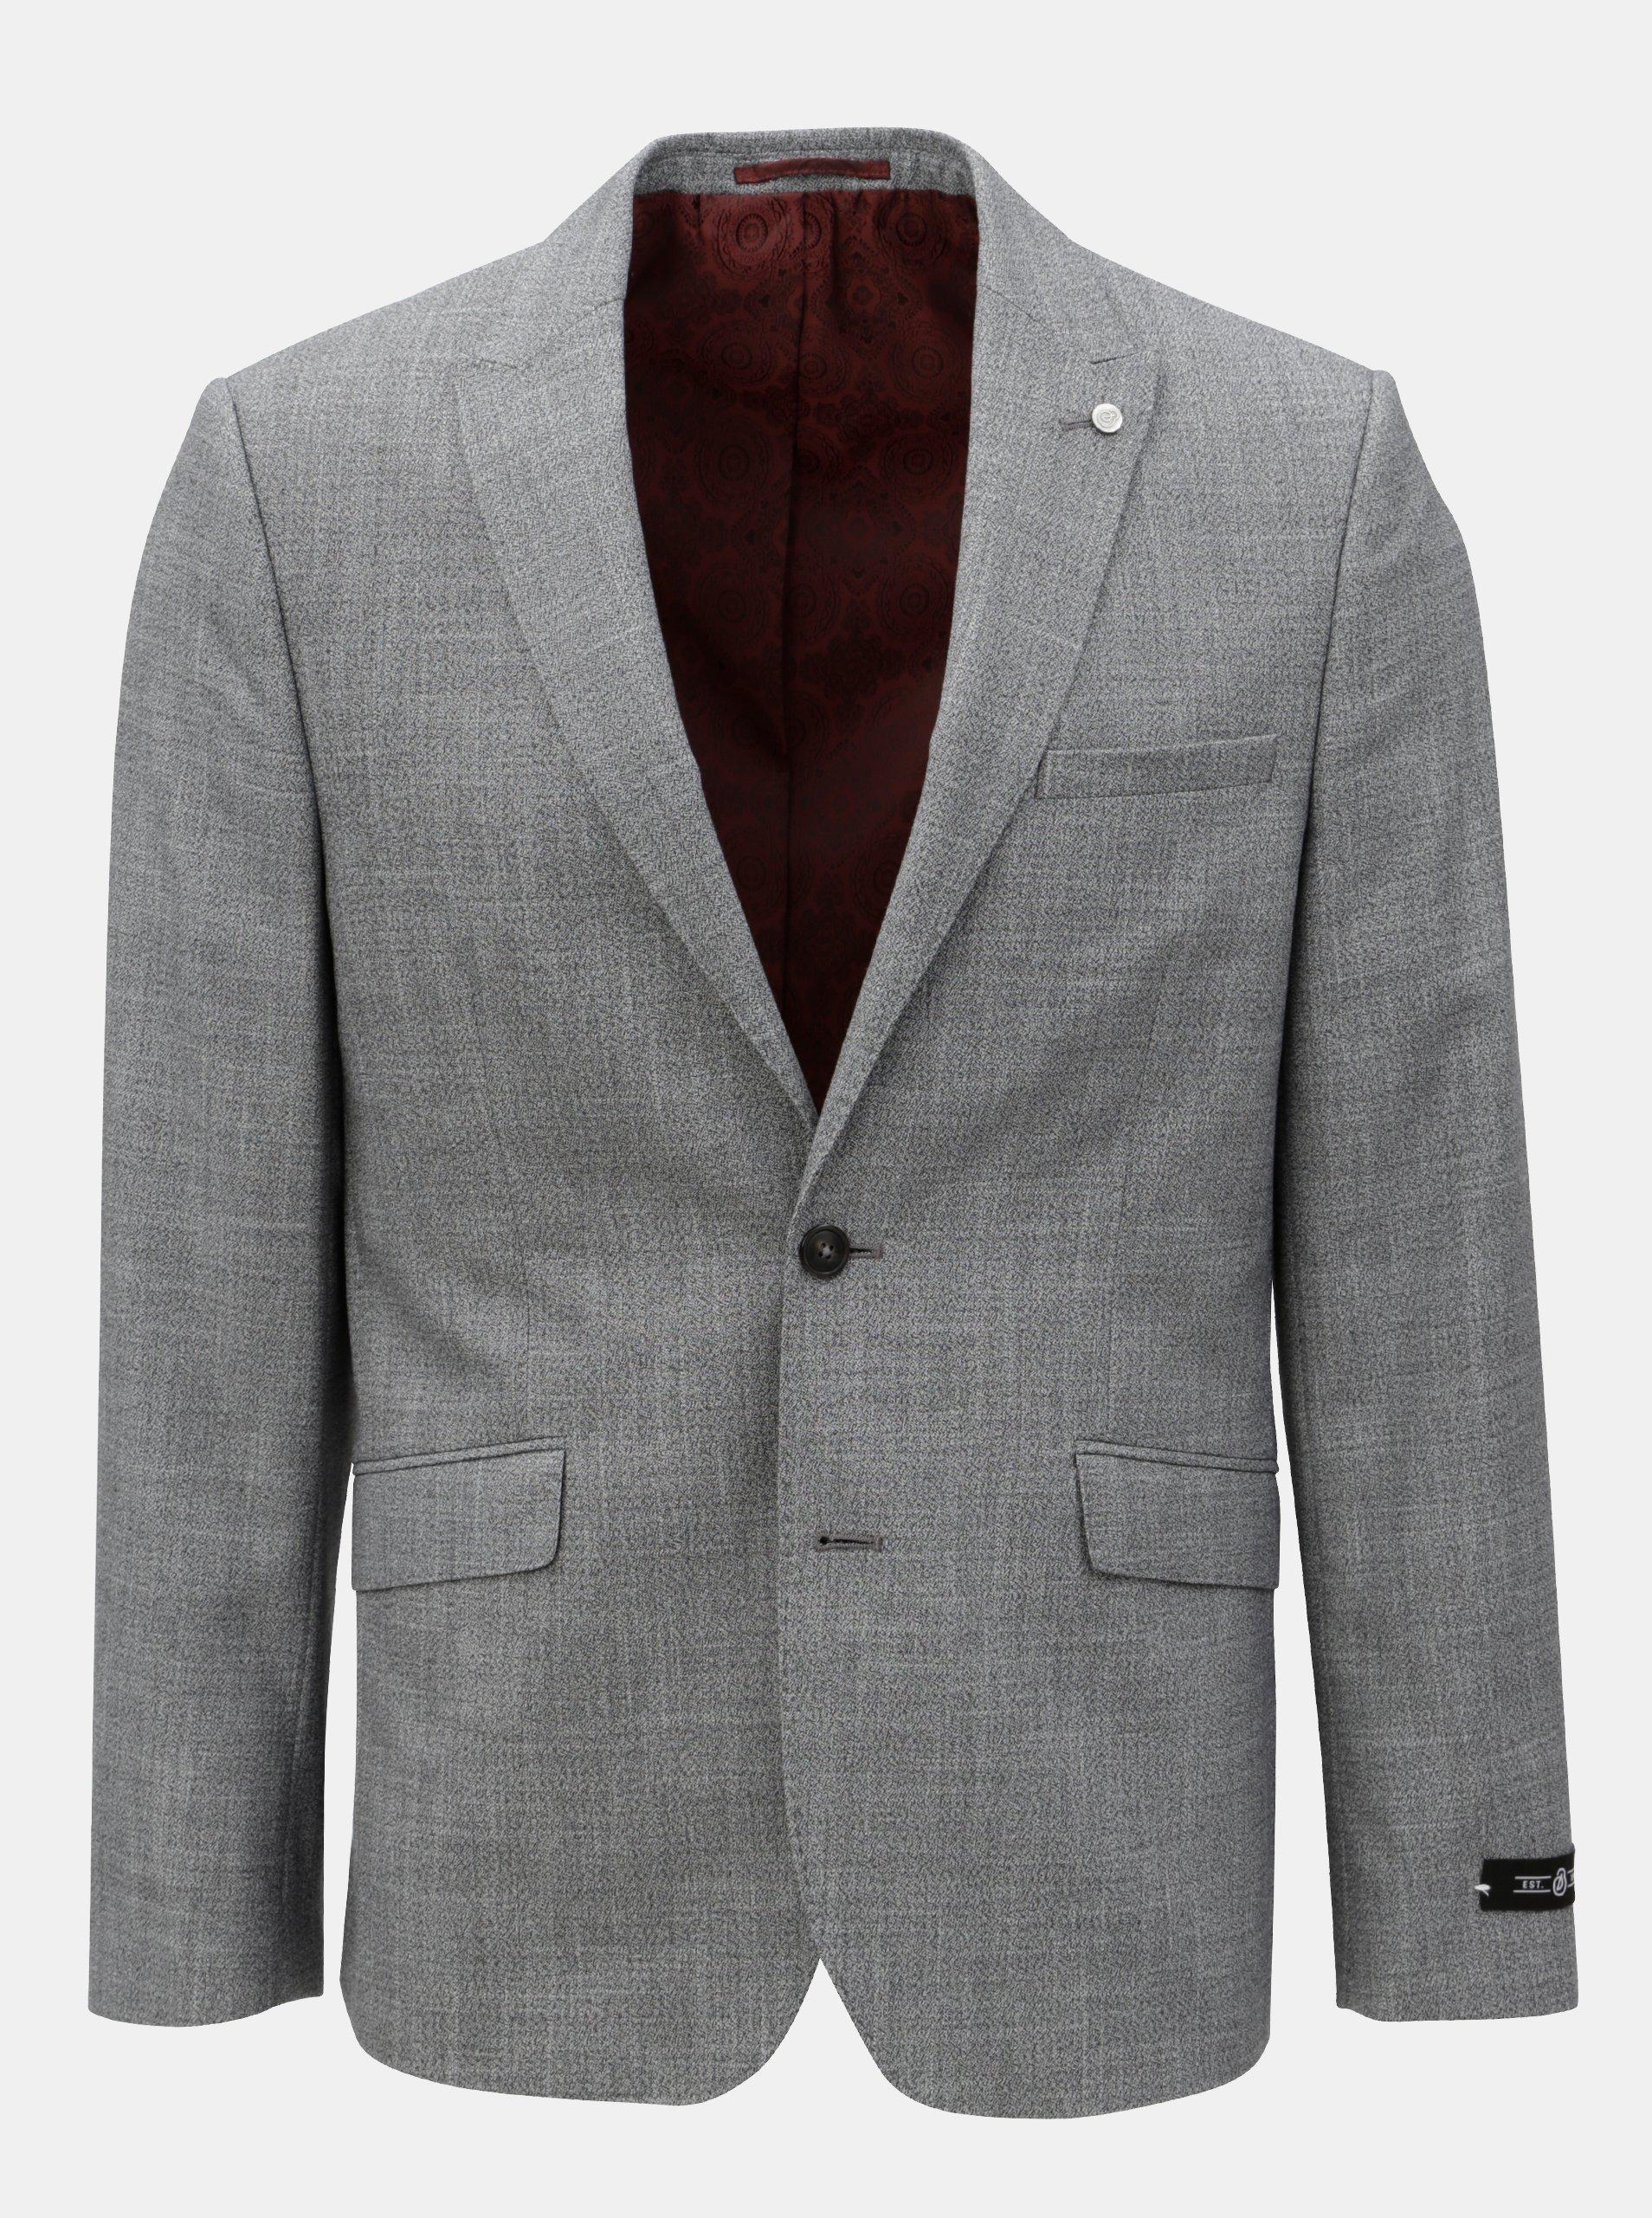 Šedé žíhané oblekové sako Burton Menswear London